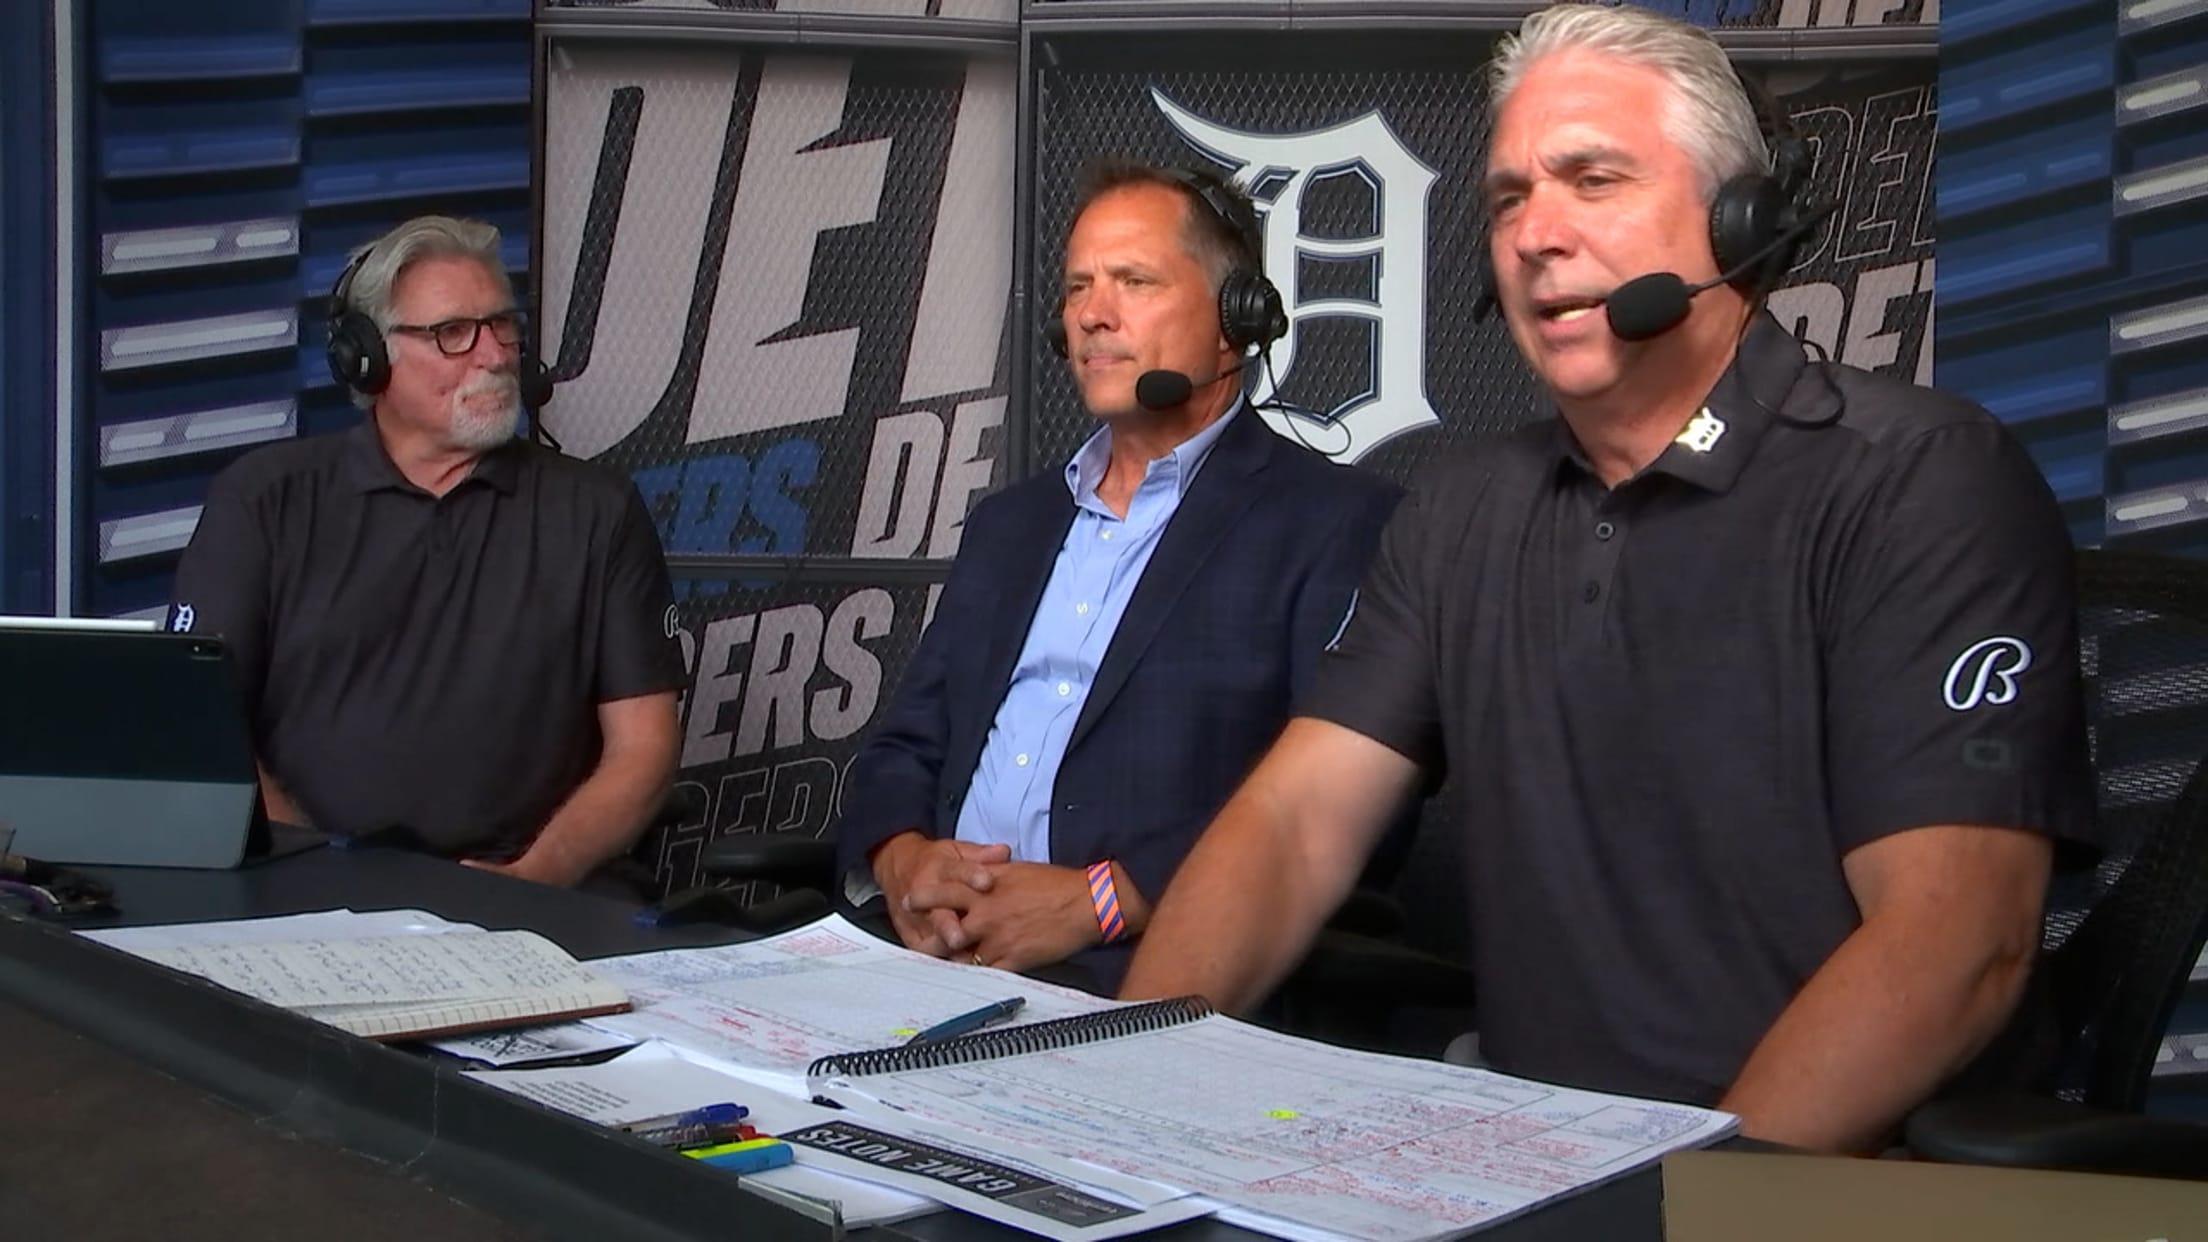 Scott Pleis on Draft picks